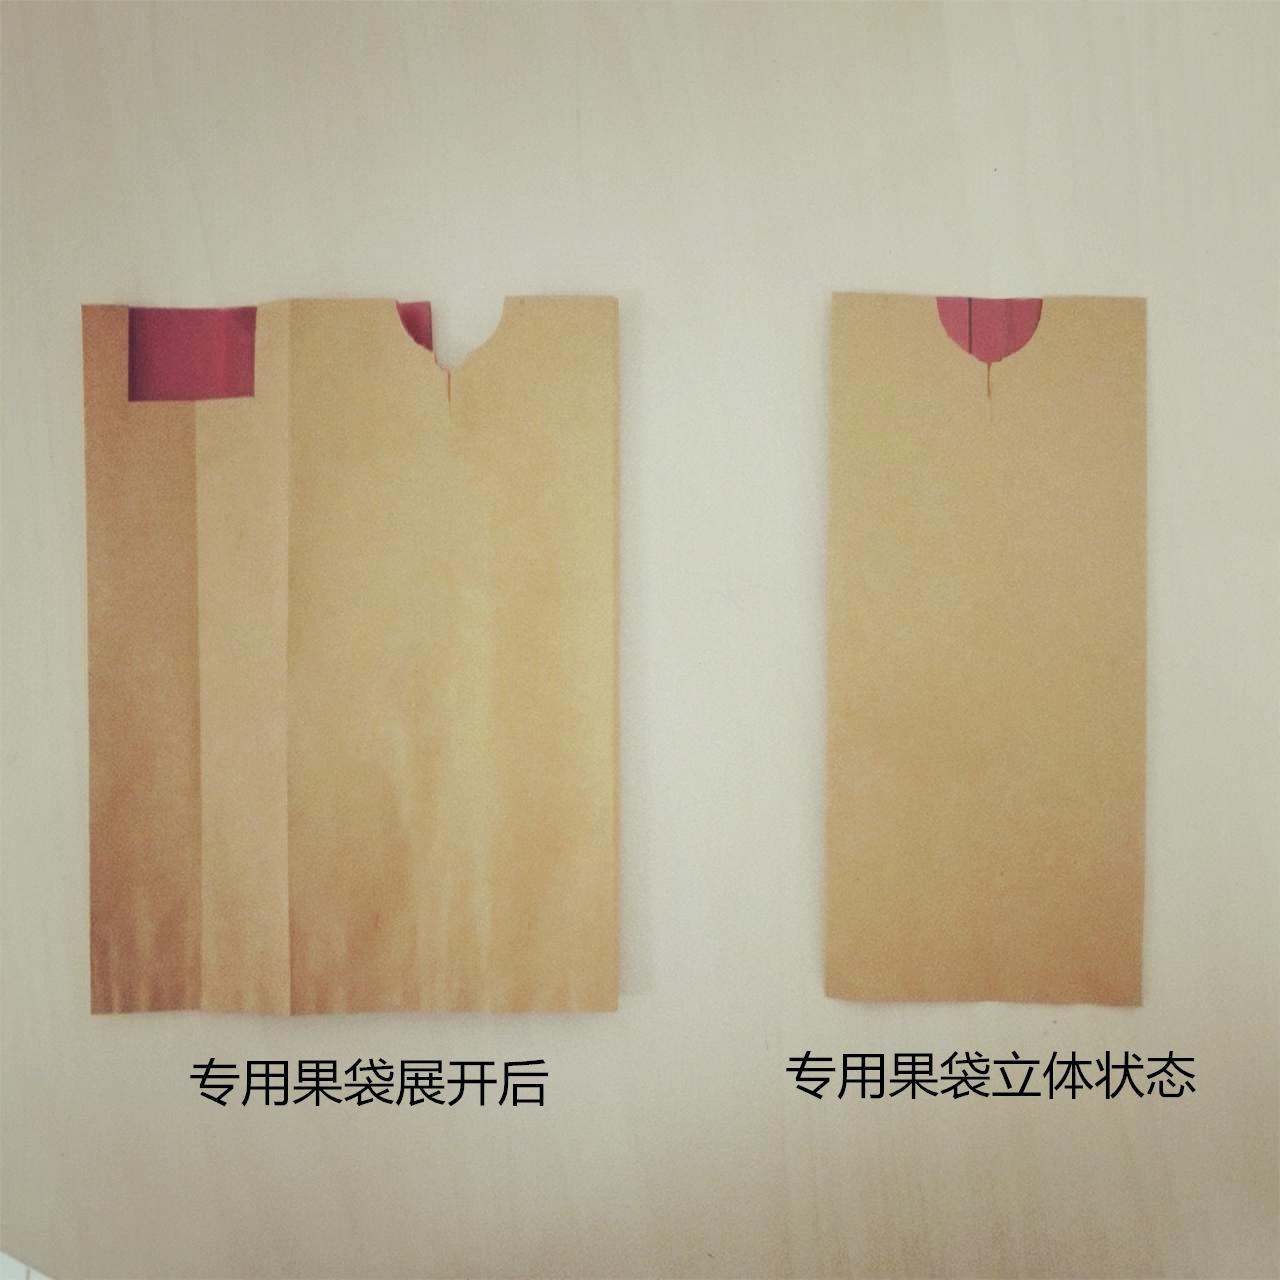 苹果套袋苹果纸袋水果套袋红蜡袋速美果苹果梨套袋机专用立体果袋